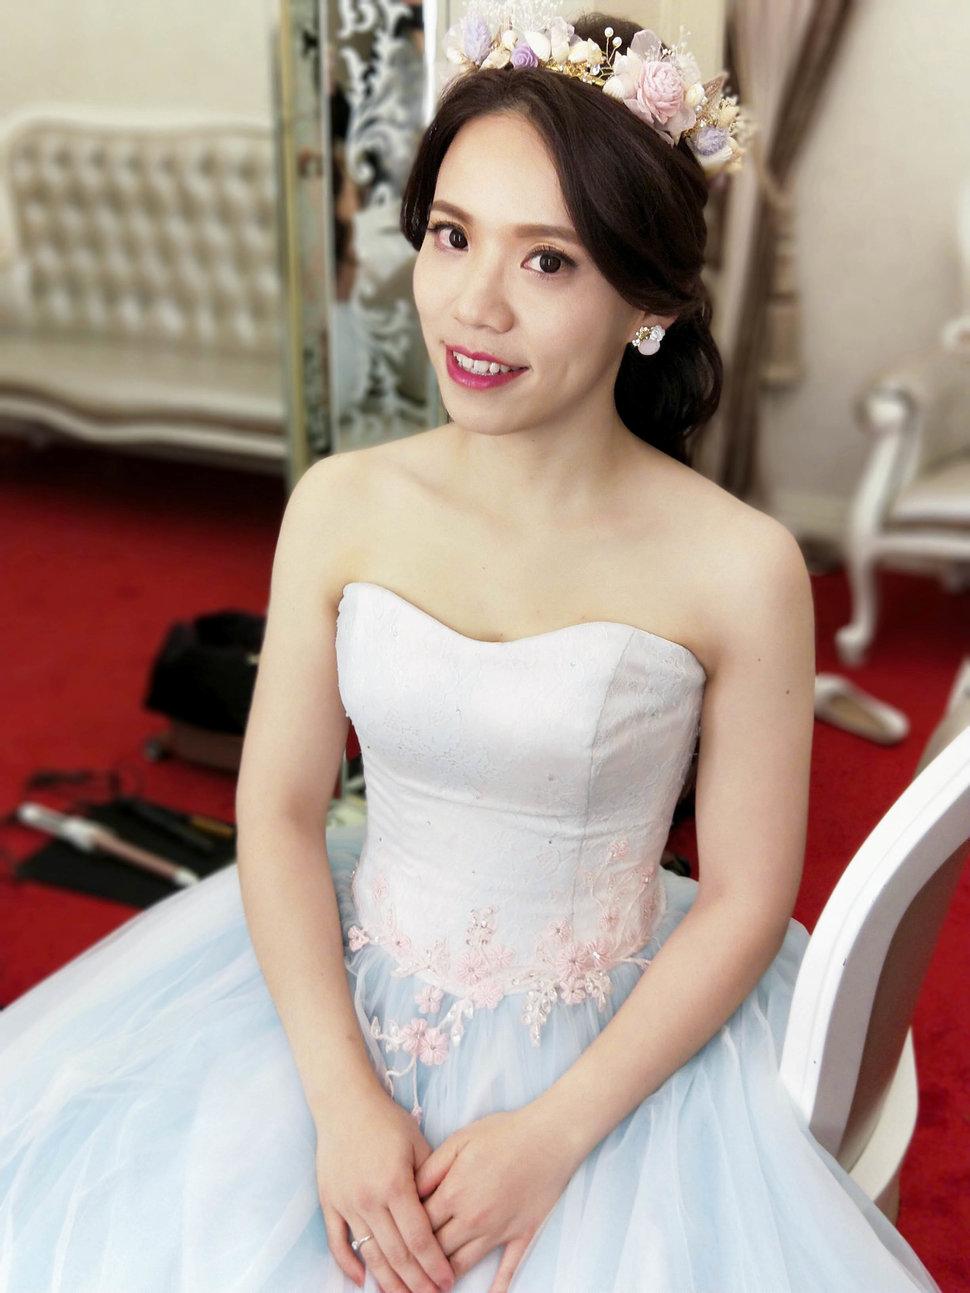 IMG20171112133925 - 新娘秘書 Yumi陳竹竹 造型工作室 - 結婚吧